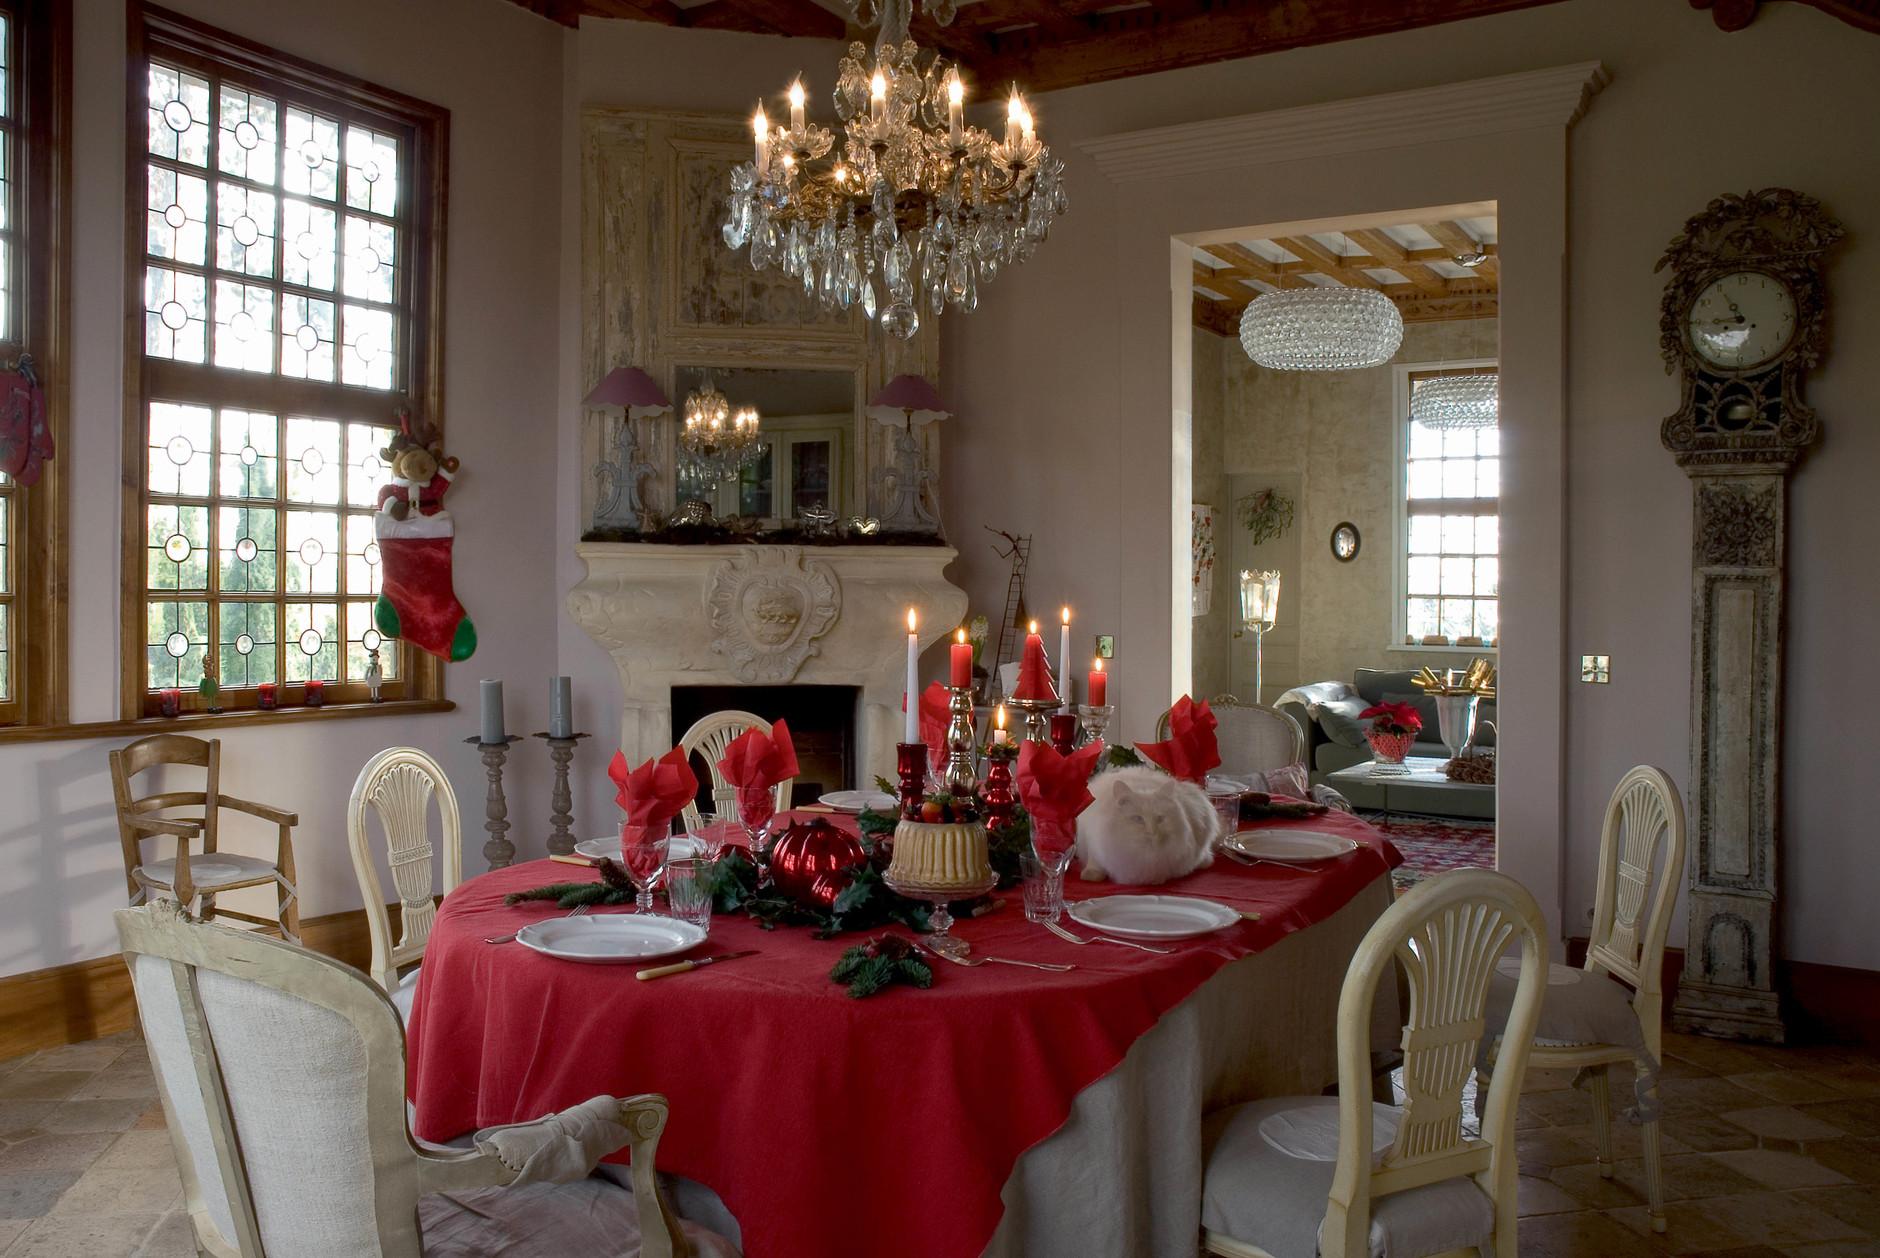 Рождество у камина: 10 идей праздничного декора (галерея 0, фото 6)